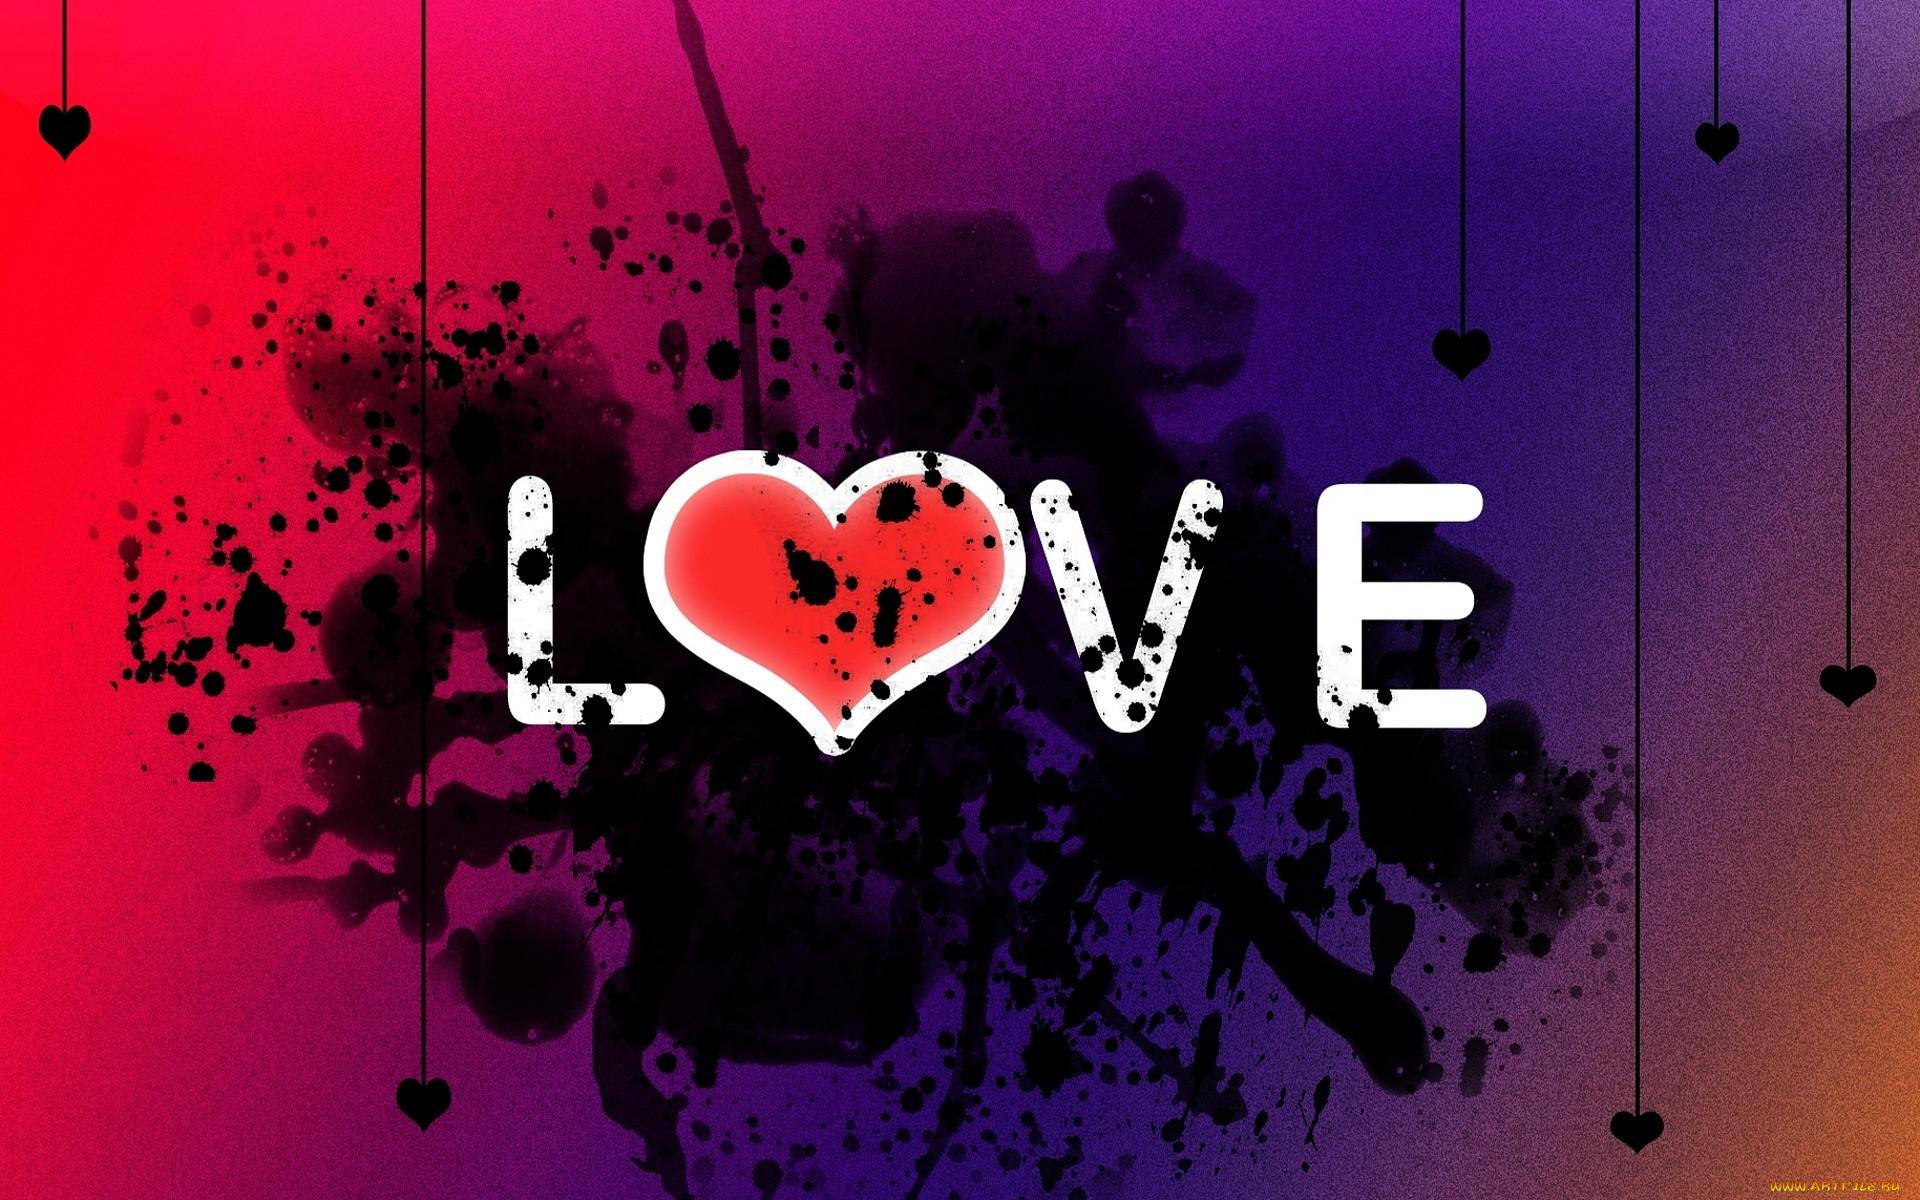 Картинки с надписями про любовь в контакт